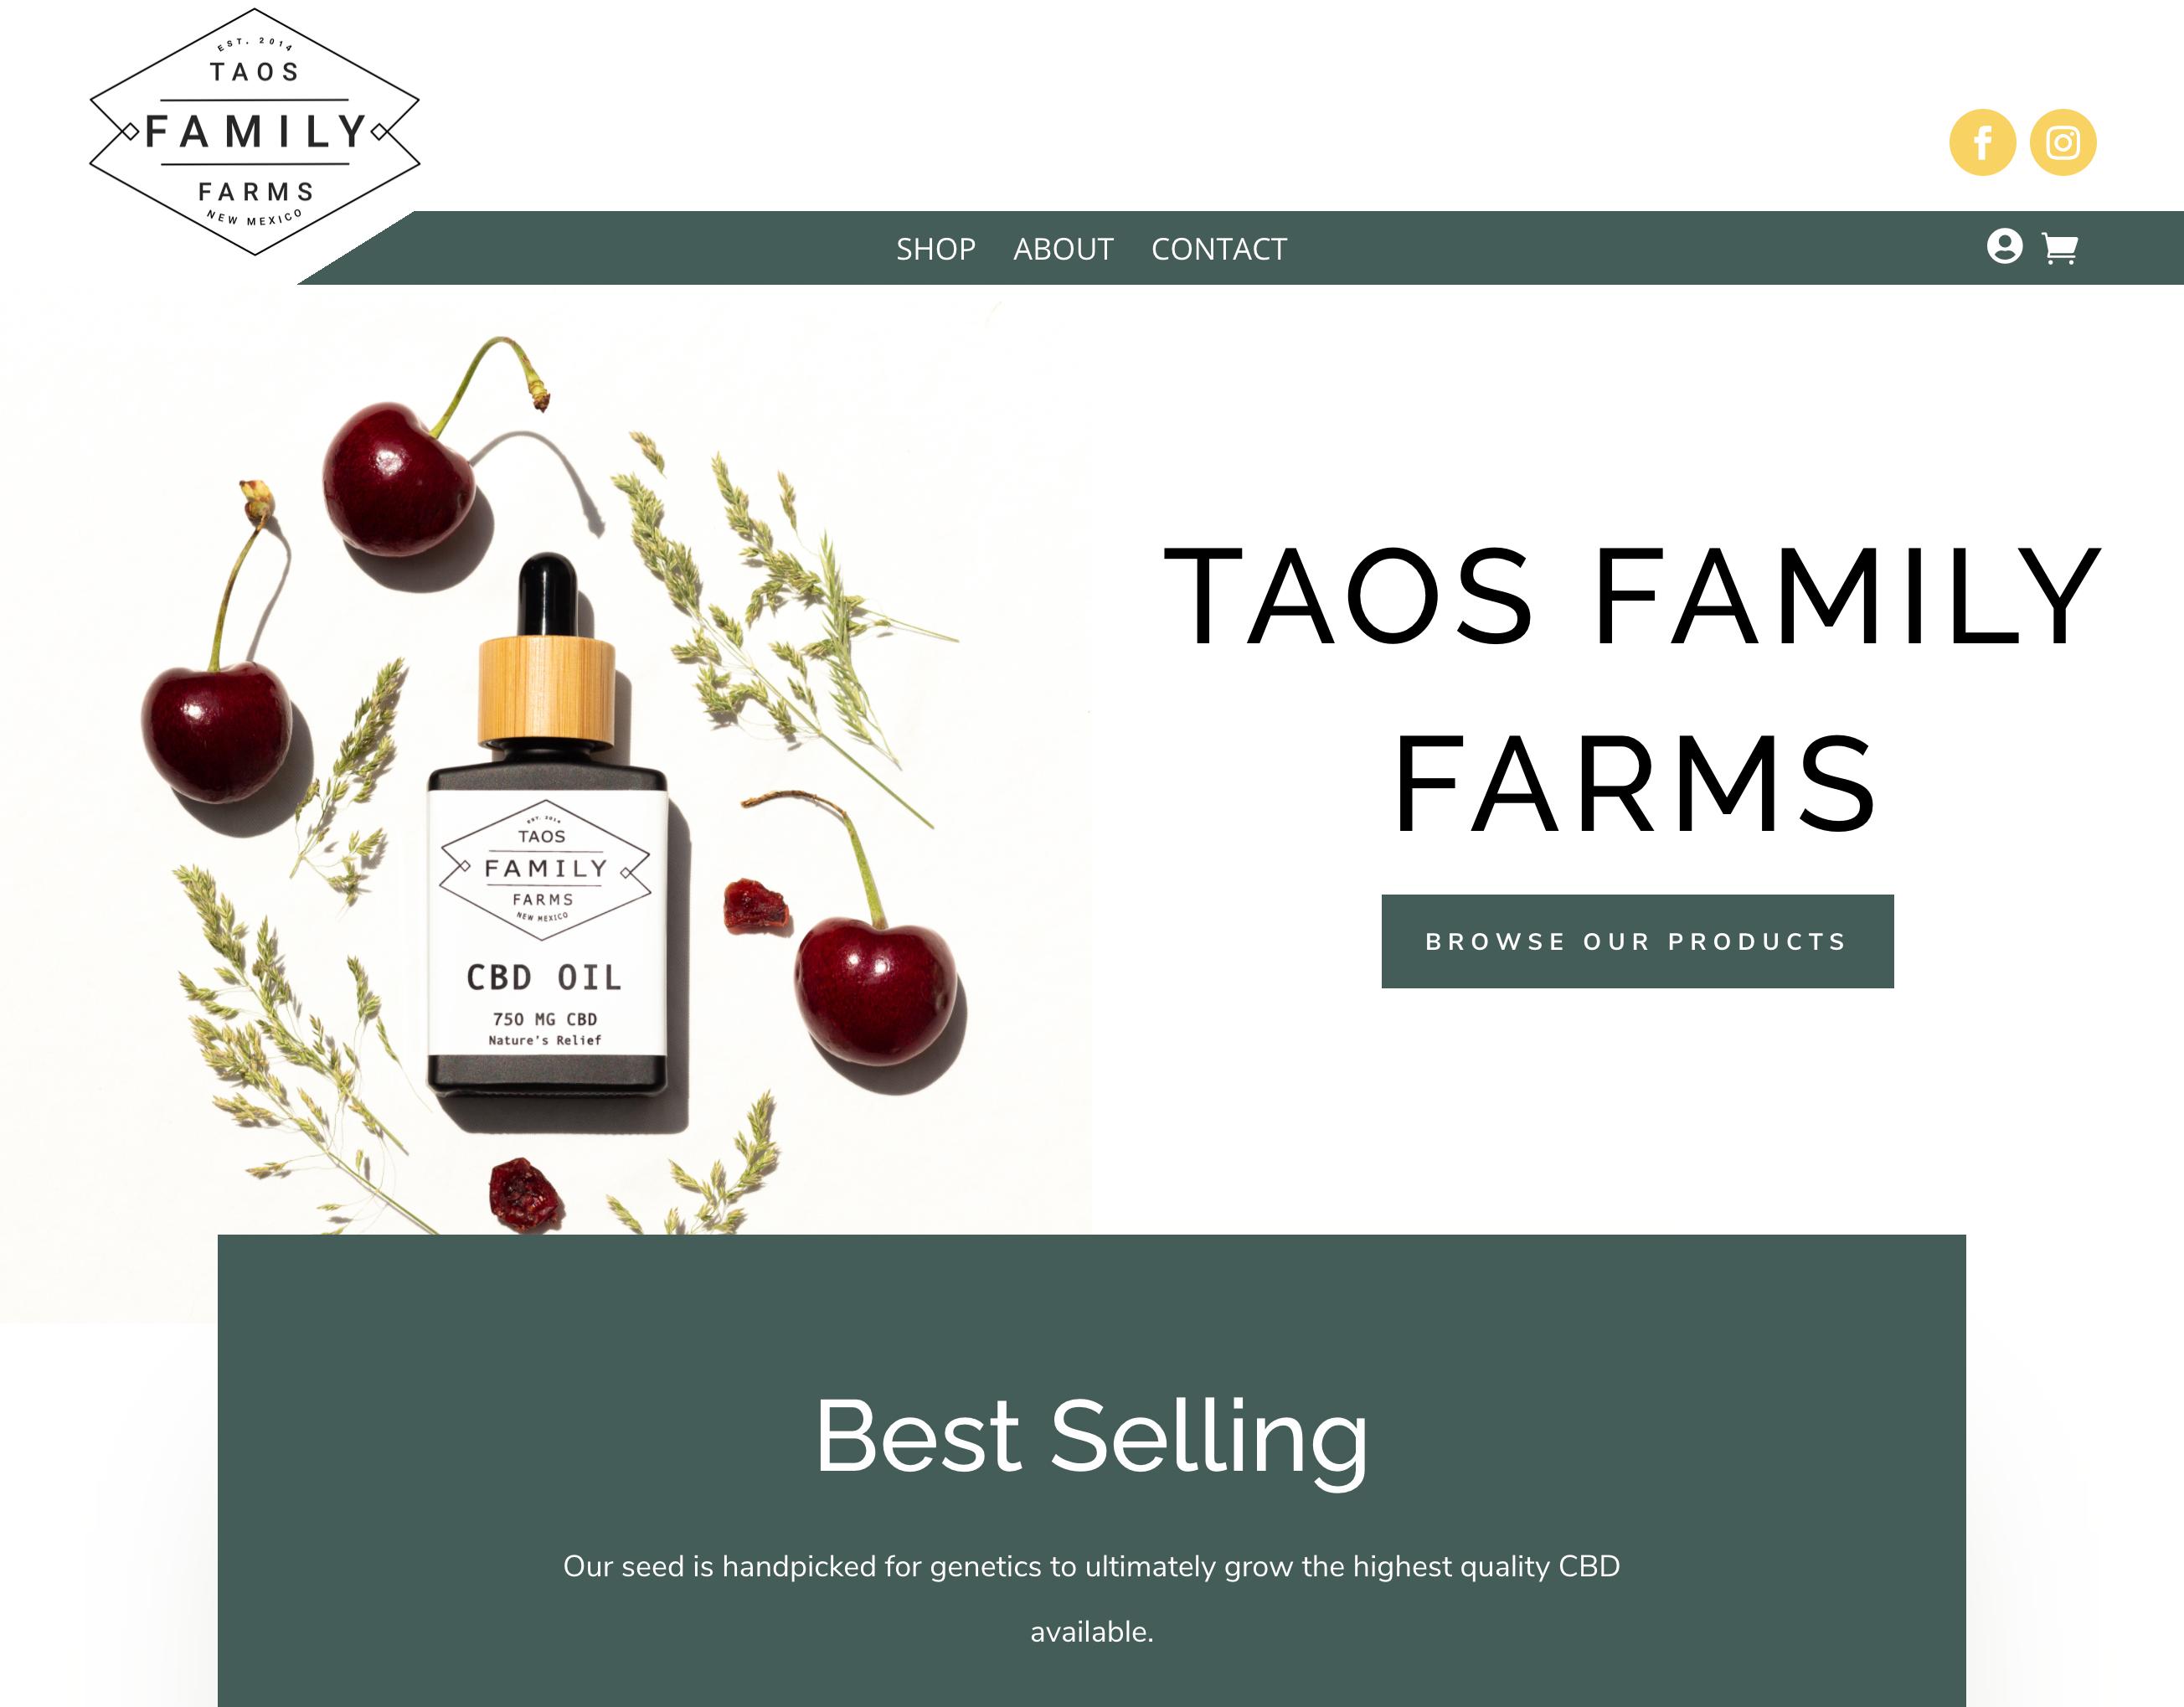 taosfamilyfarmcbd- New Mexico-cbd-ecommerce